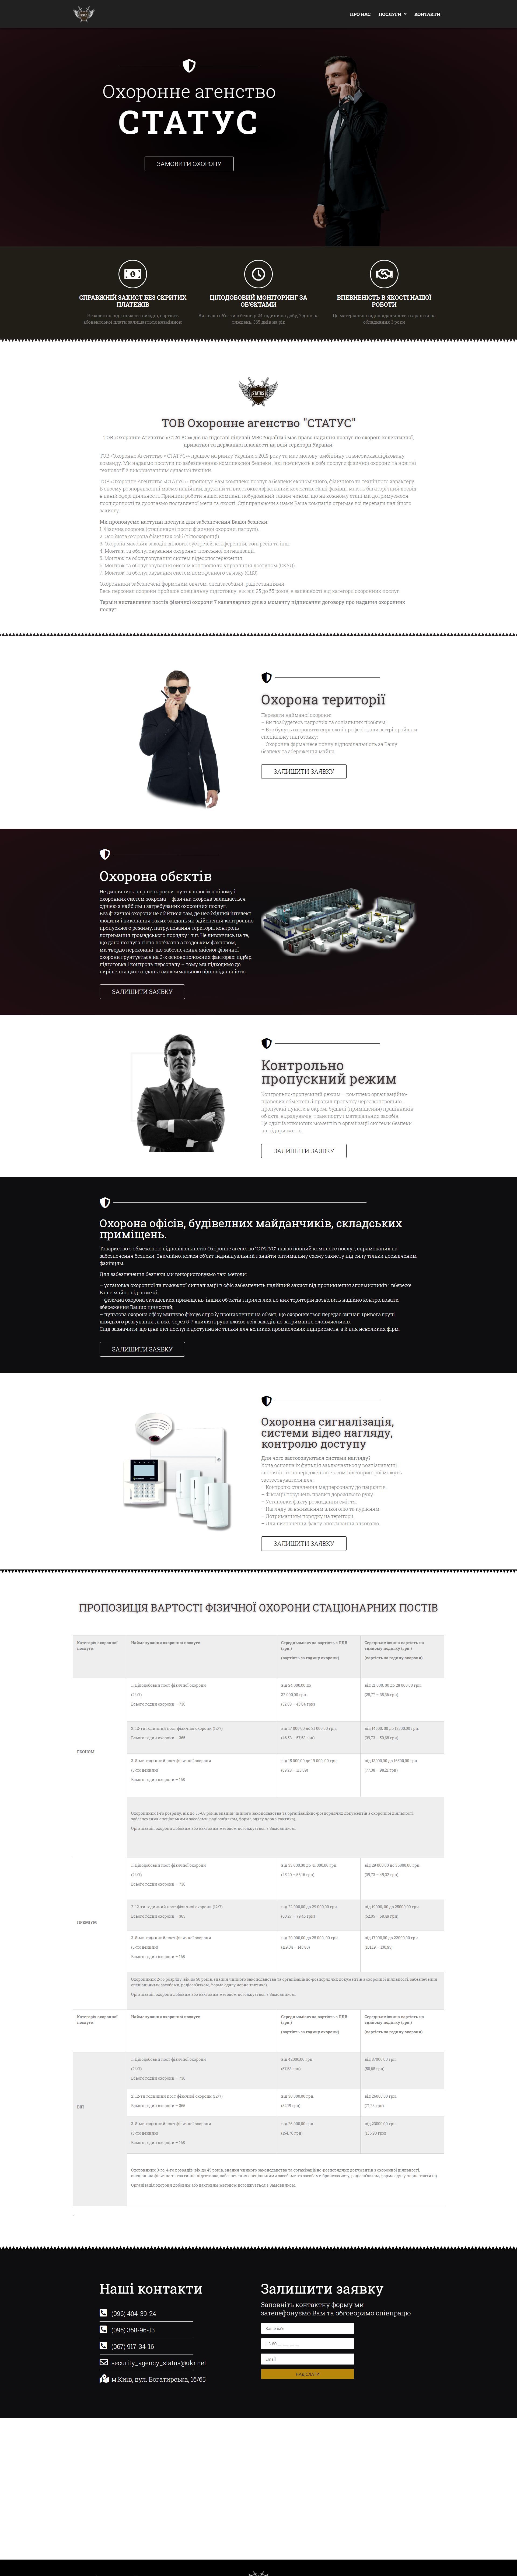 Фото Сайт-візитка для охоронної фірми СТАТУС на cms wordpress https://www.status-security.com.ua/